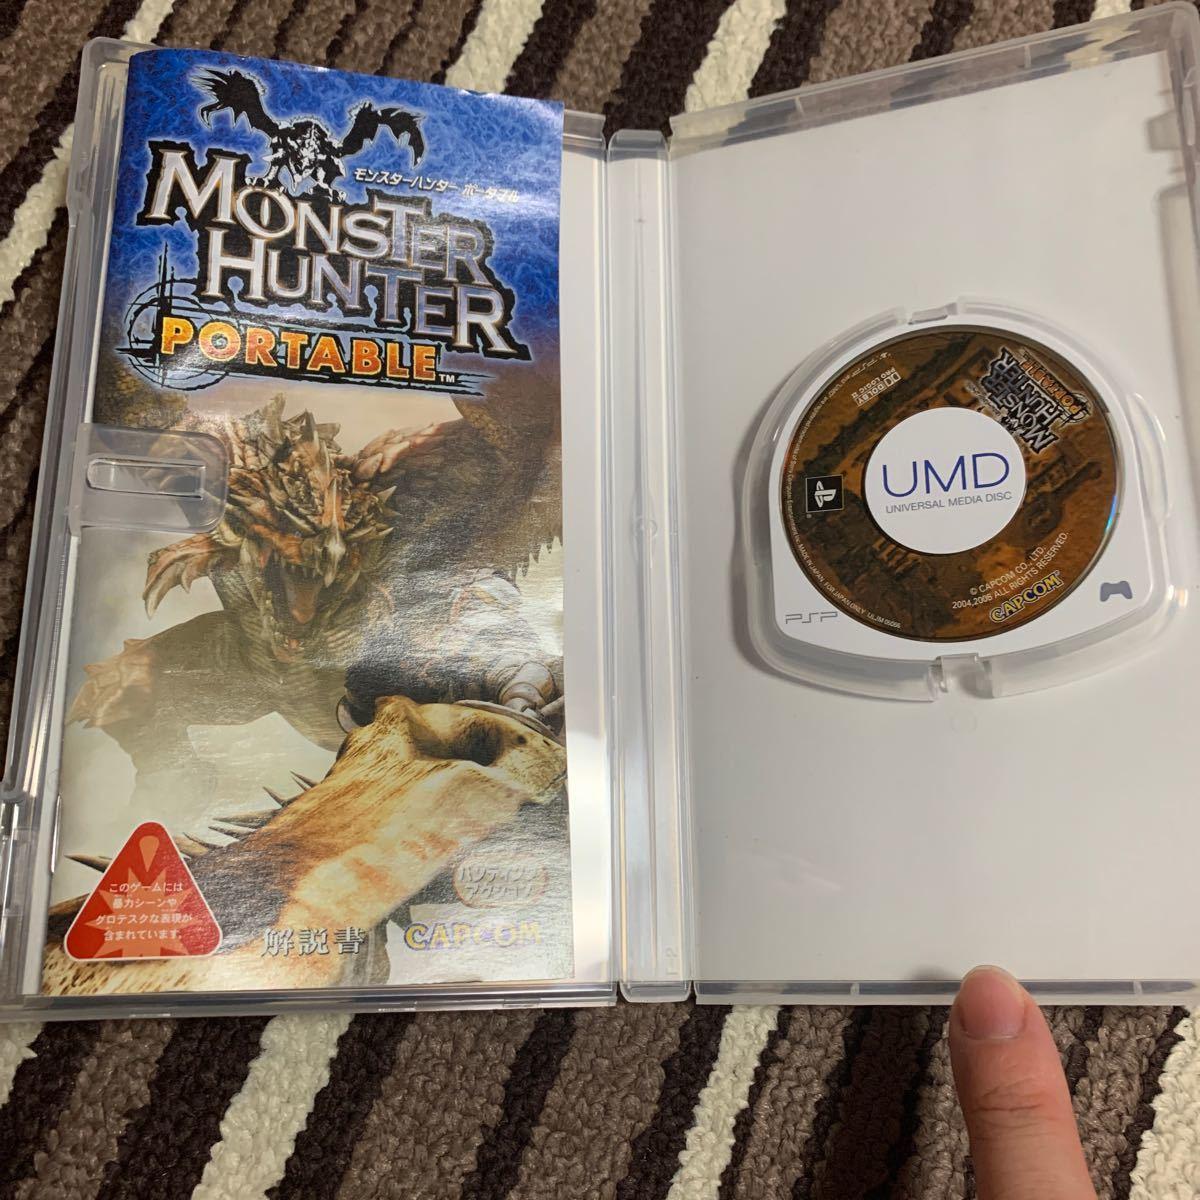 PSPソフト モンスターハンターポータブル 2rd  3rd ゲームまとめ